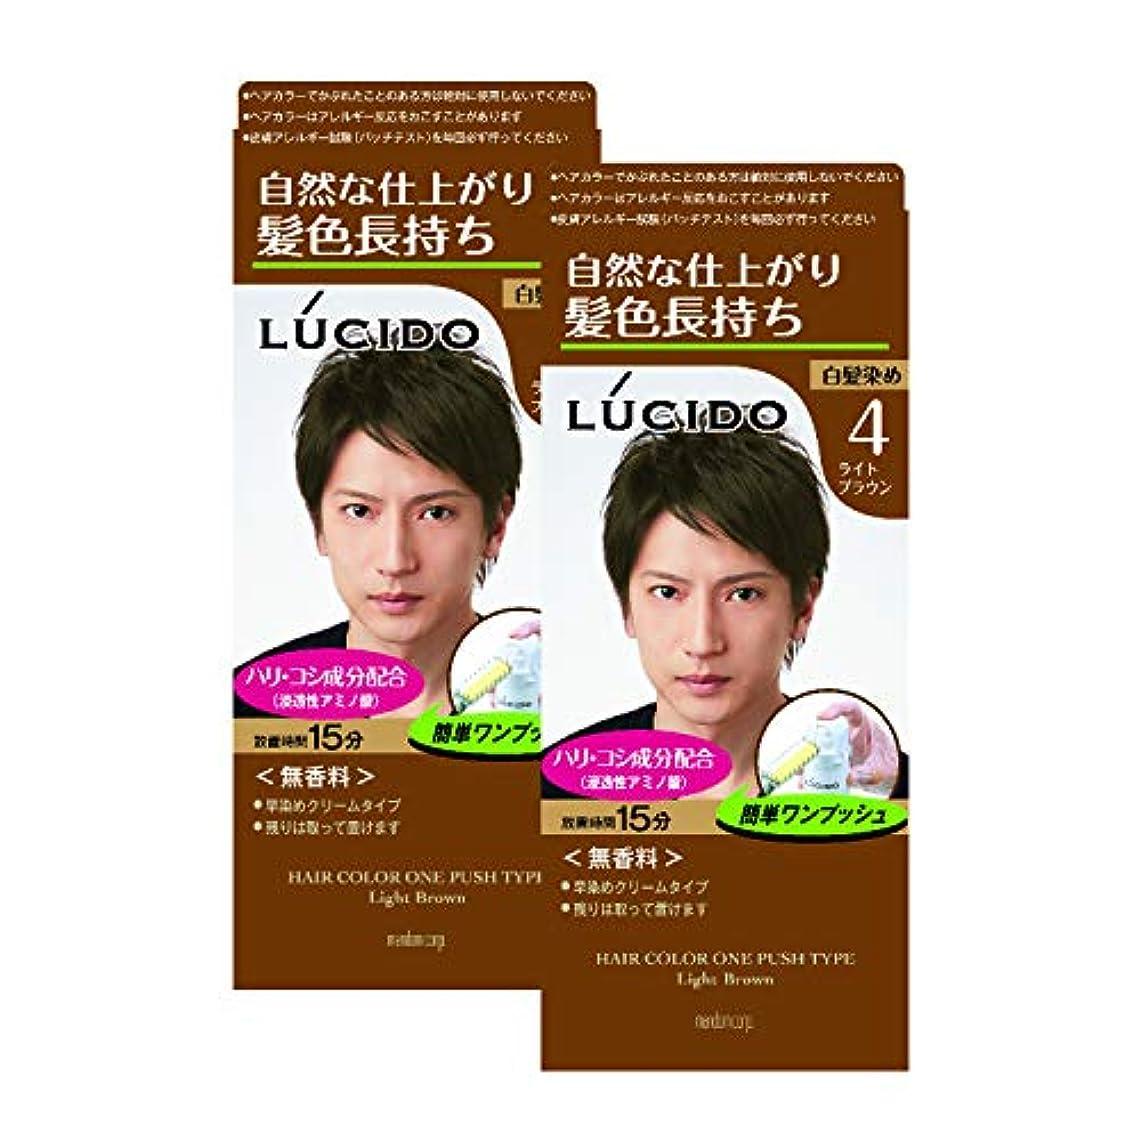 スラムブローホールクルーズLUCIDO(ルシード) ルシード ワンプッシュケアカラー ライトブラウン (医薬部外品) 白髪染め 2個パック